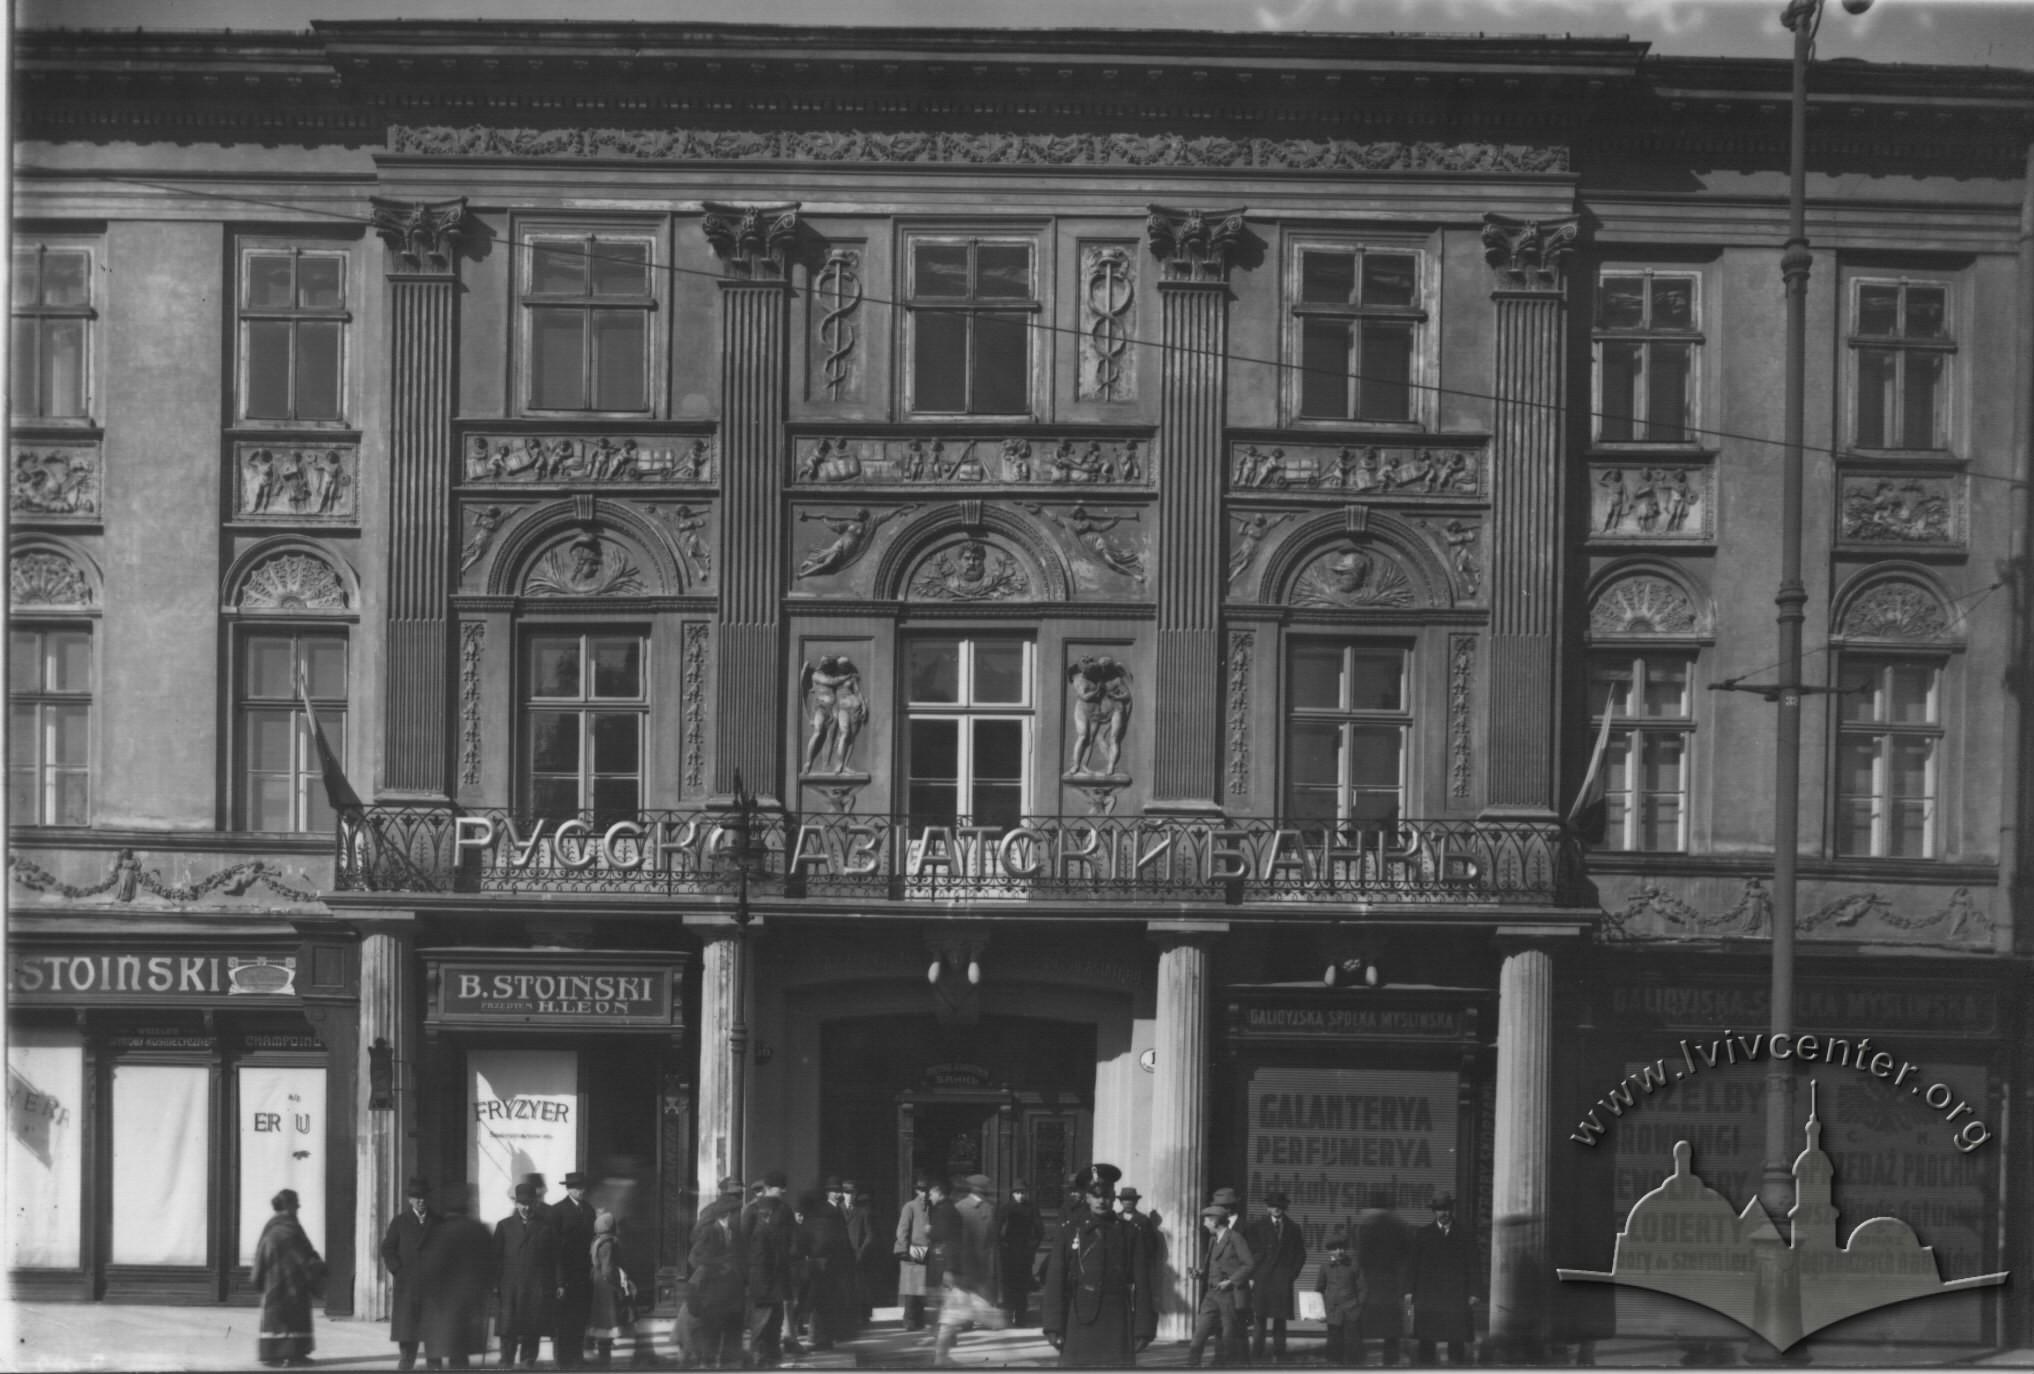 Зачинені магазини на вул. Карла Людовіка (сьогодні просп. Свободи), 1915 р.